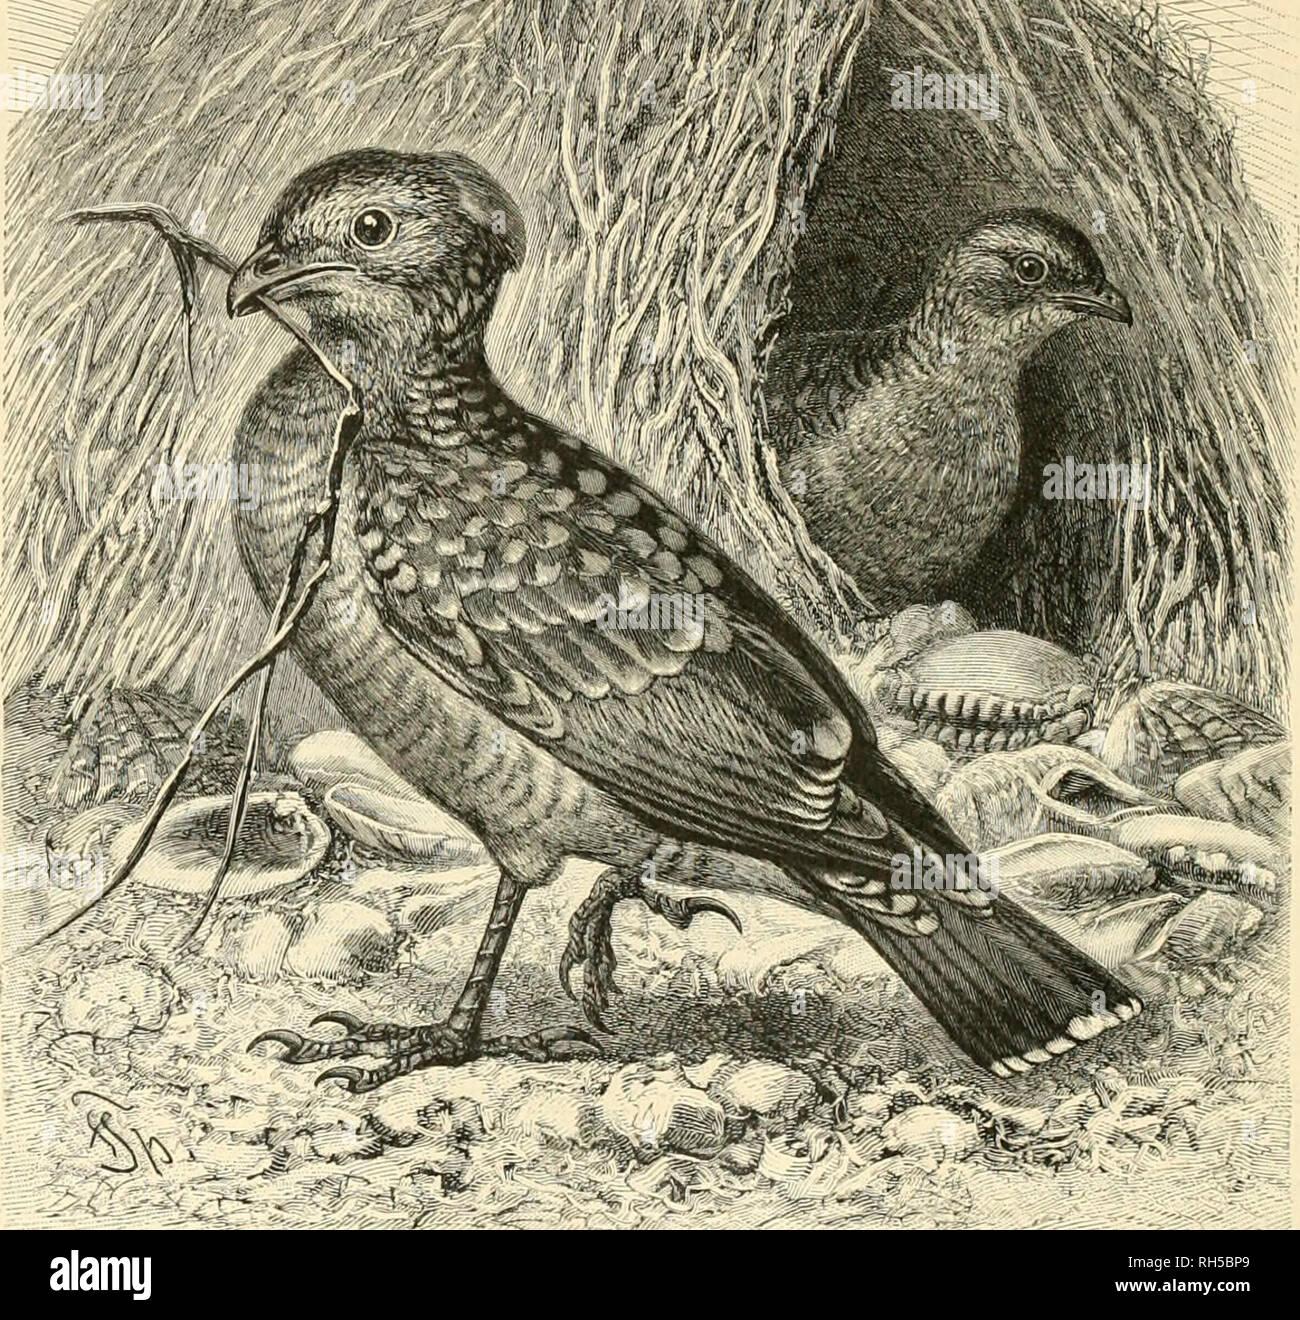 . Brehms Tierleben. Allgemeine kunde des Tierreichs. Zoology; Animal behavior. R*' 'r,.. , '1 W'/4/fti >v. --{---'-' r- - ilfag enu ogi'I, Chlaniydera niaculafri Gonltl. ^/2 natiii'Iic^ev Oiiöjie. an bem 9.1'cenfd)en, fonbern aud) an einer ungebeuern fdimargen ödjlange, bie natje bem SSaffer ebenfalls auf ber Sauer lag, norüberflogen, um 3U trinfen. Später entbcdte ®oulb aud) il)re Sanbcn. 3^icfe bi'Jmcilen über 1 m langen Stauten finben fidj an äl)nlidien £rten, finb nod) fuuftboller unb nod) mctjr au'Sgefdimüdt, länger unb bogiger afö bie beg ©eibenlaubenbogeKi, beftel)en äufierüdi an§ 9? - Stock Image